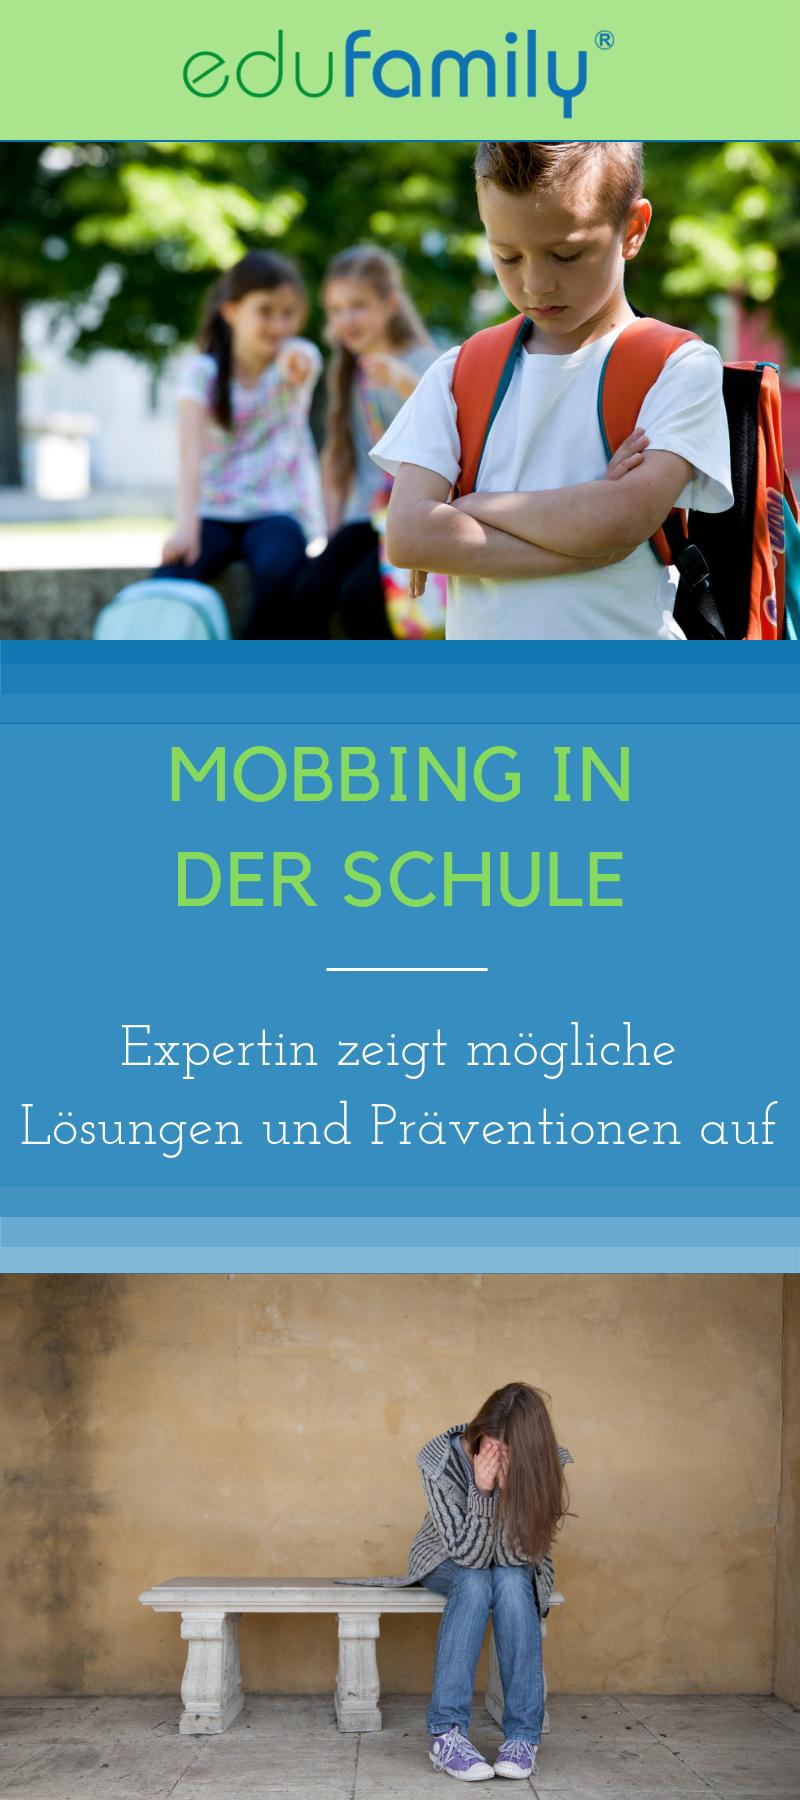 Fachartikel Expertin Erklart Wie Sich Mobbing Anfuhlt Und Zeigt Moglichkeiten Zu Losung Und Pravention Auf Tipps Informatione Mit Bildern Mobbing Schule Mobbing Schule